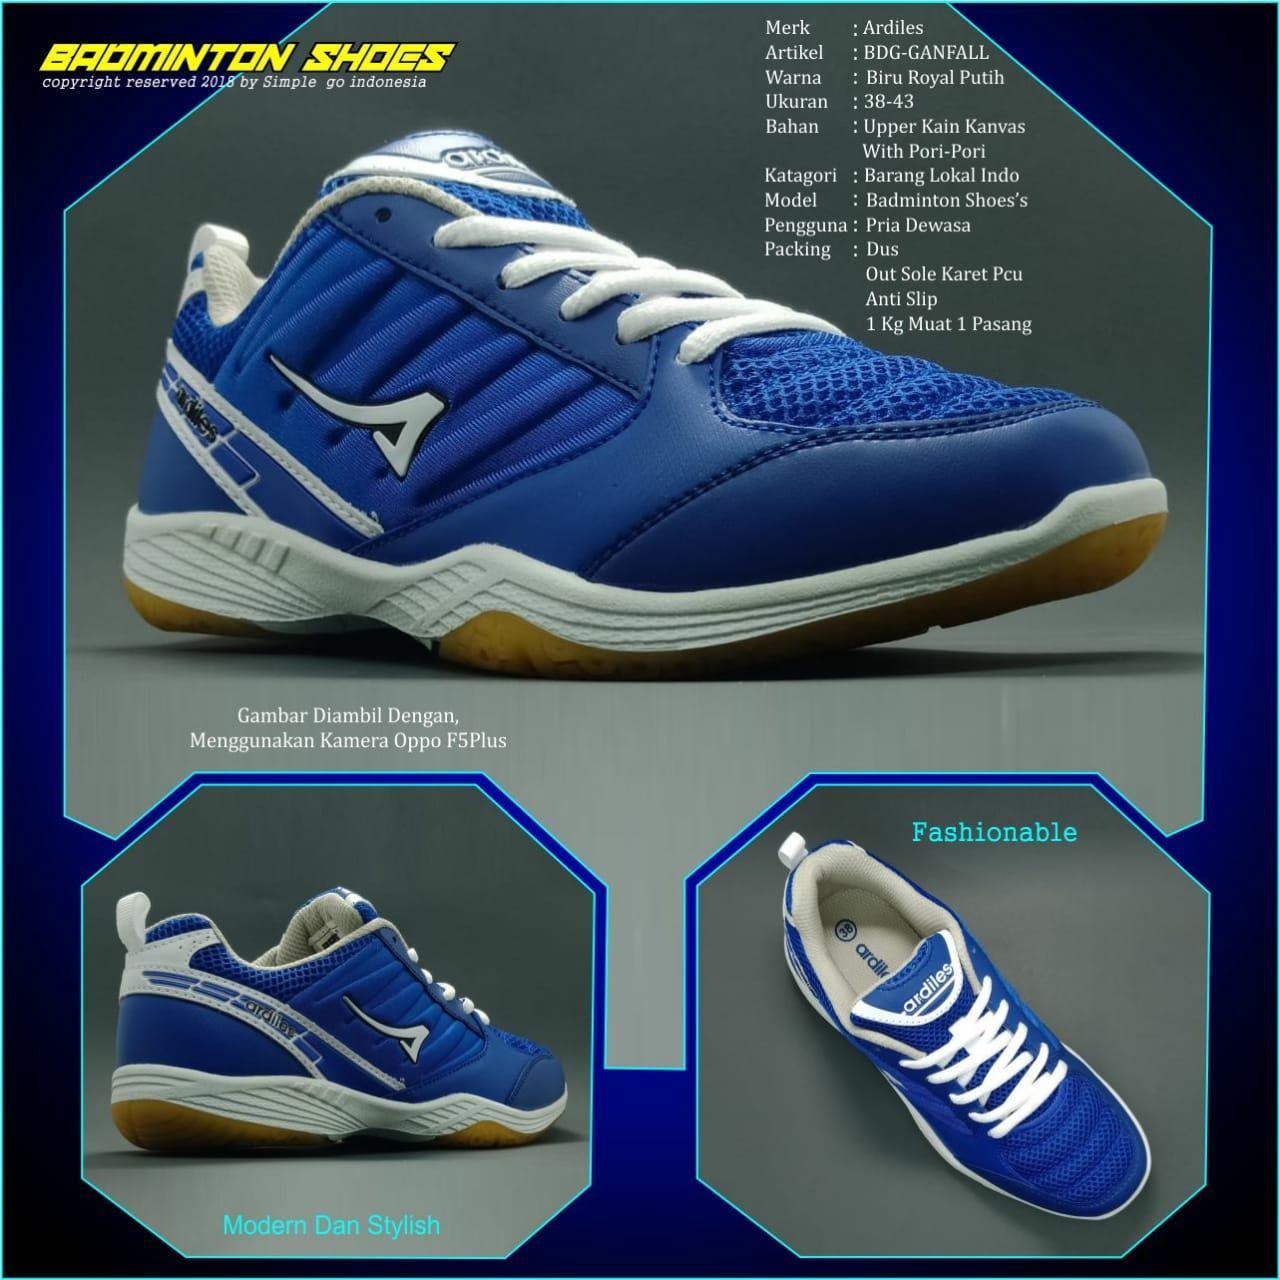 Jual Sepatu Sandal Ardiles Terbaik Kets Spon Fashion Ket Cat Cats Wanita Sneaker Sneakers Badminton Pria Ganfall 38 43